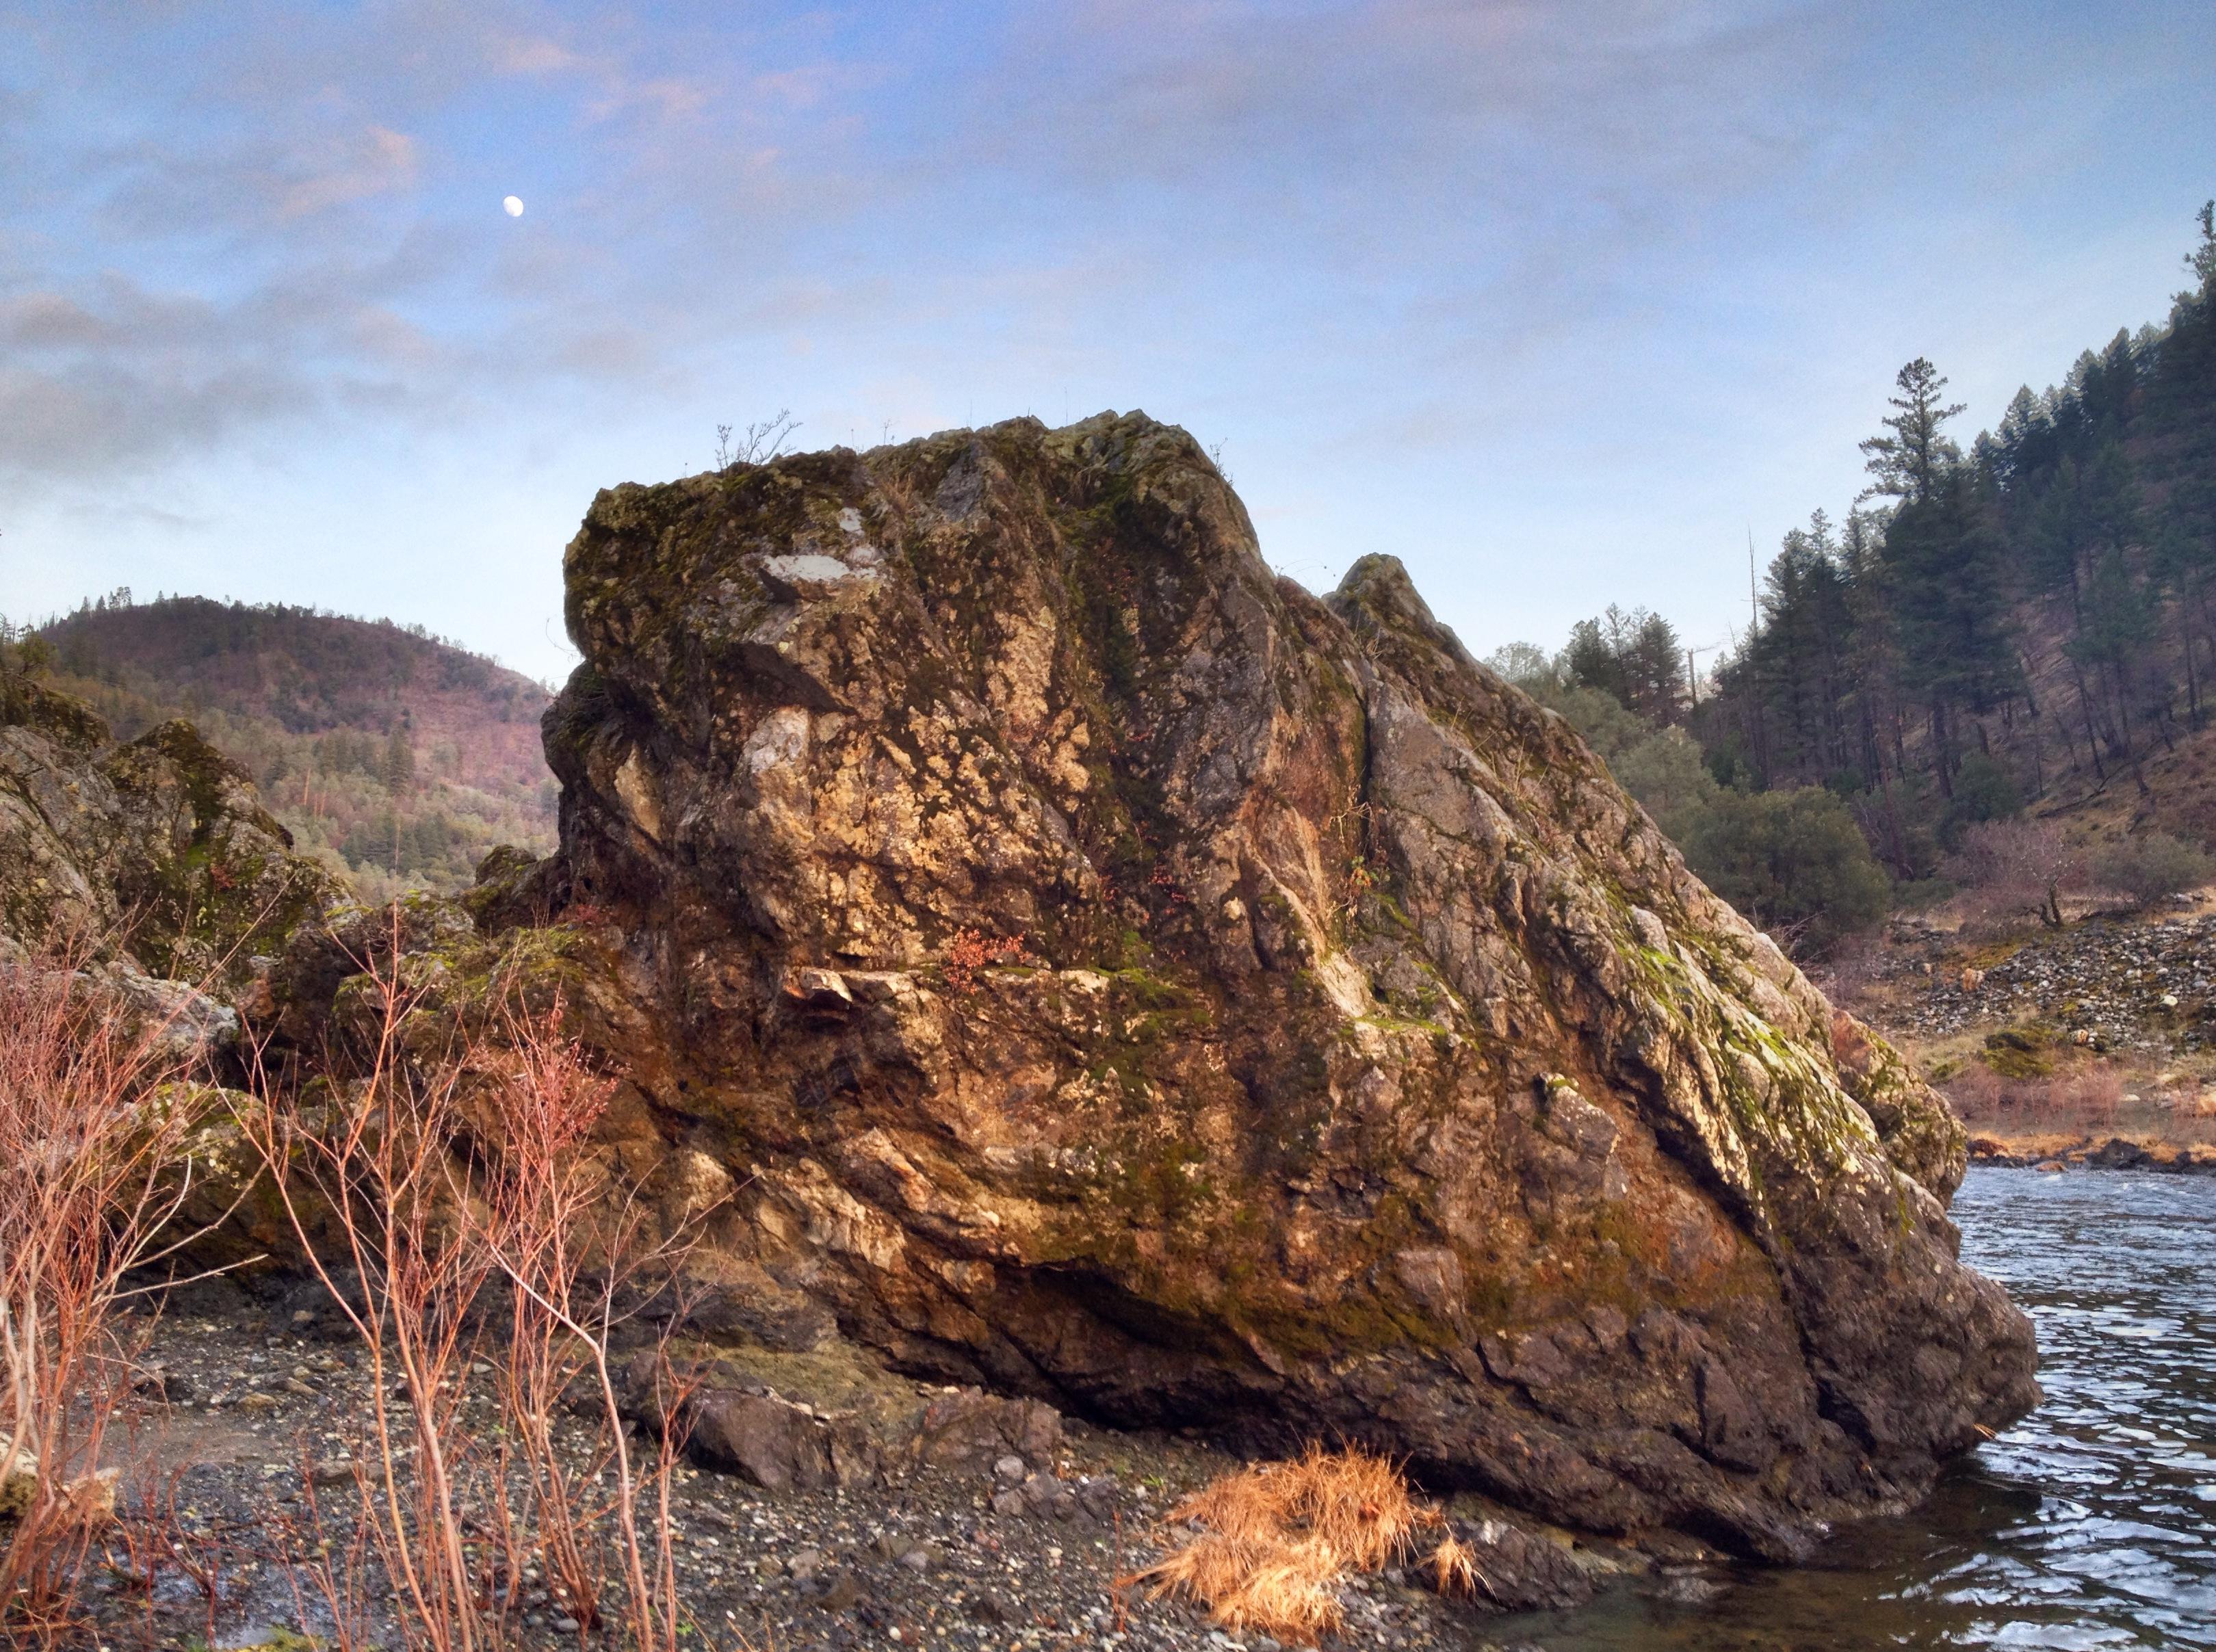 A rock in Big Flat, CA. Photo by Clay Duda.